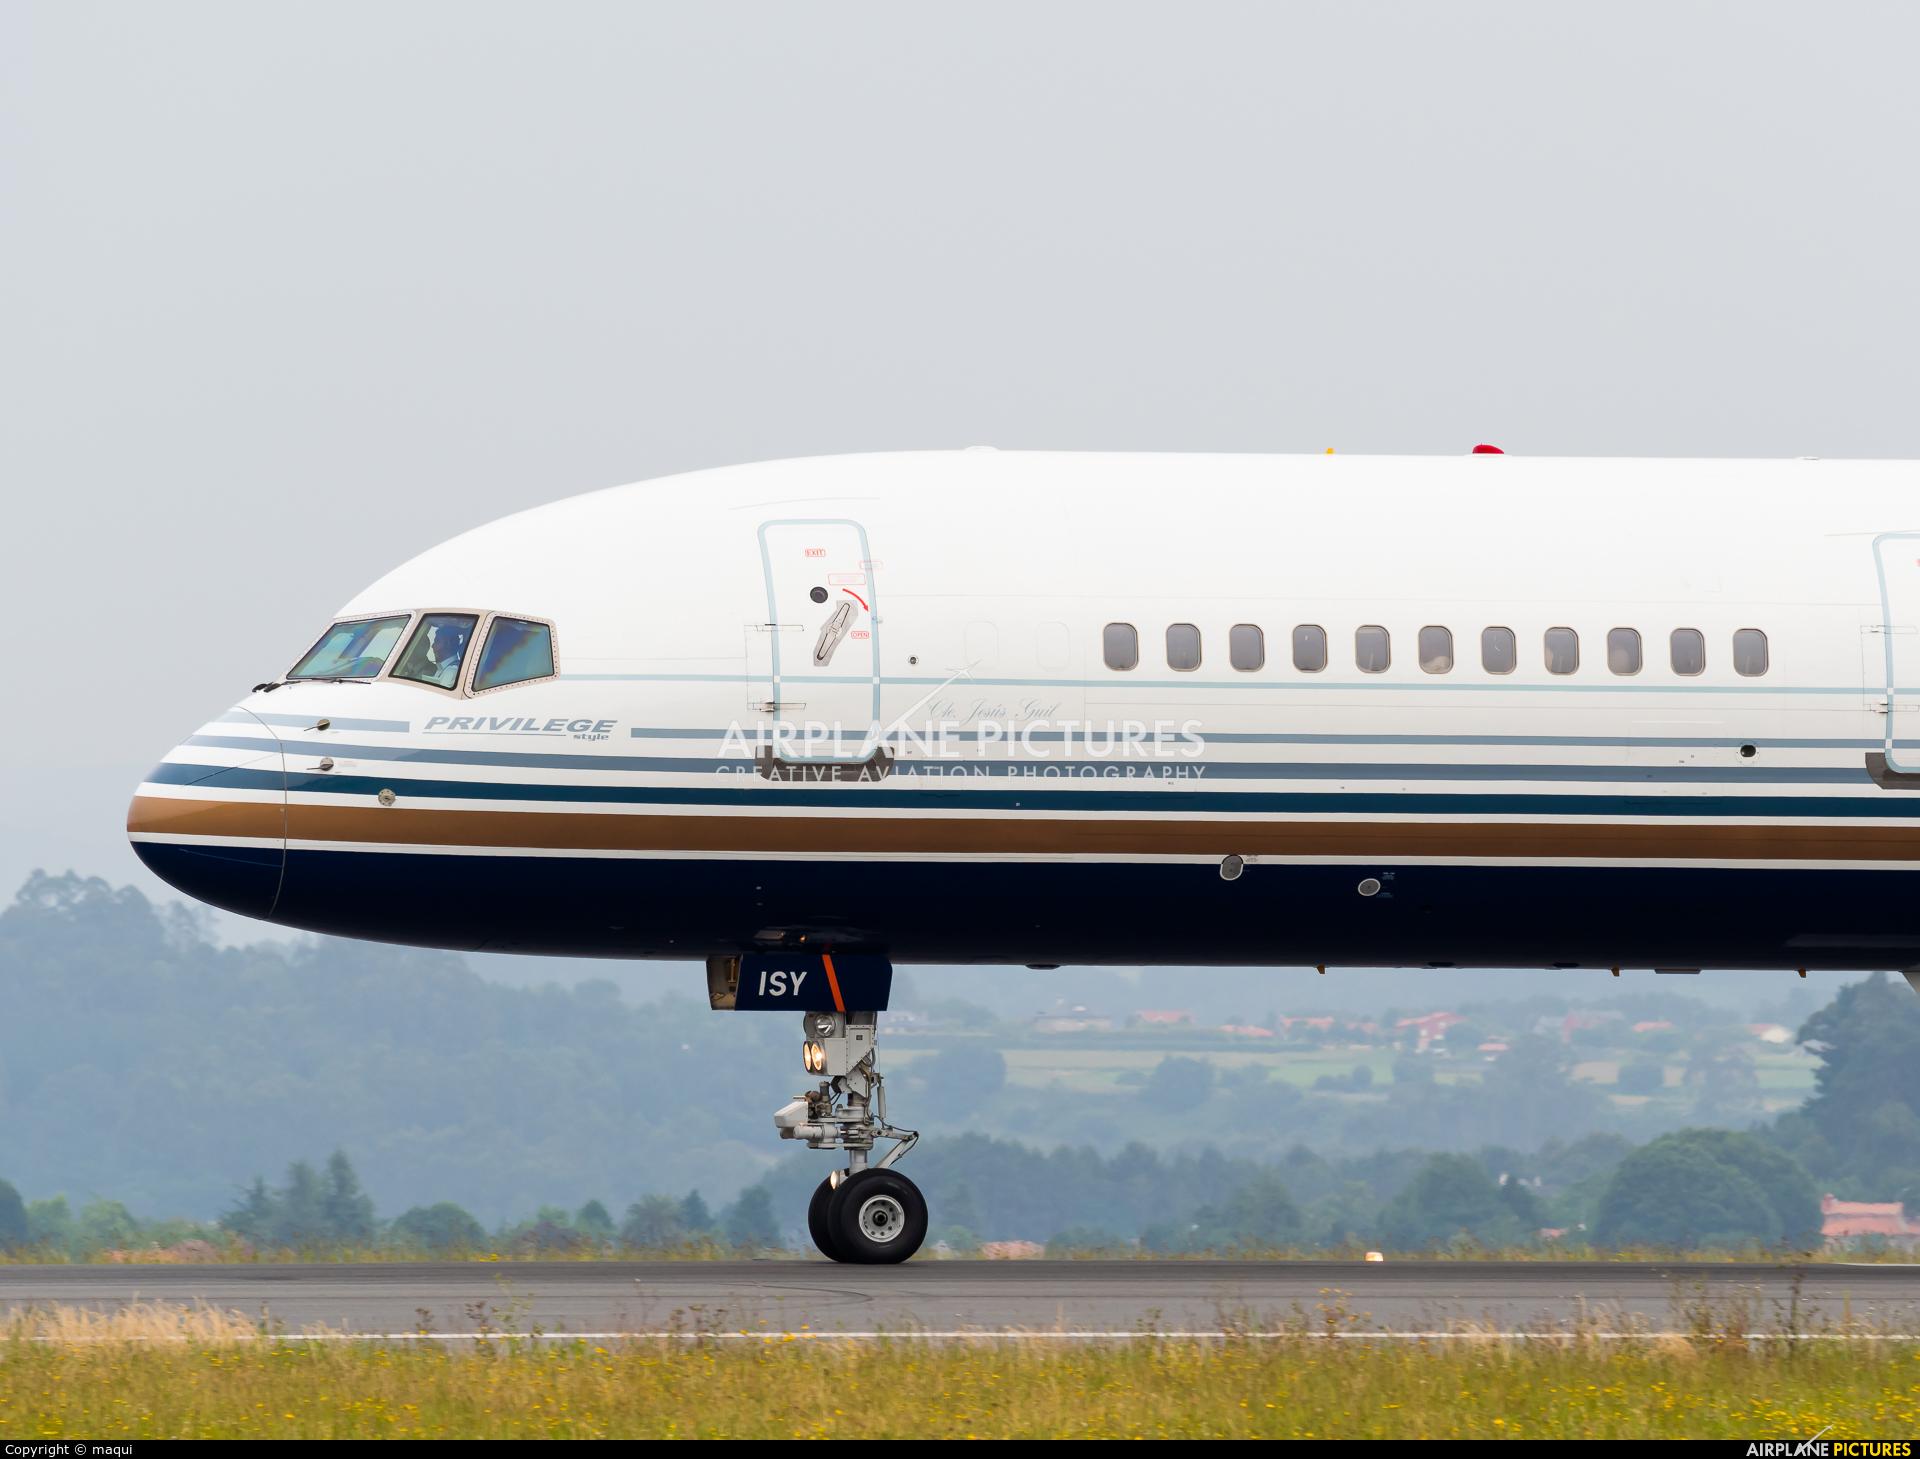 Jet2 EC-ISY aircraft at La Coruña